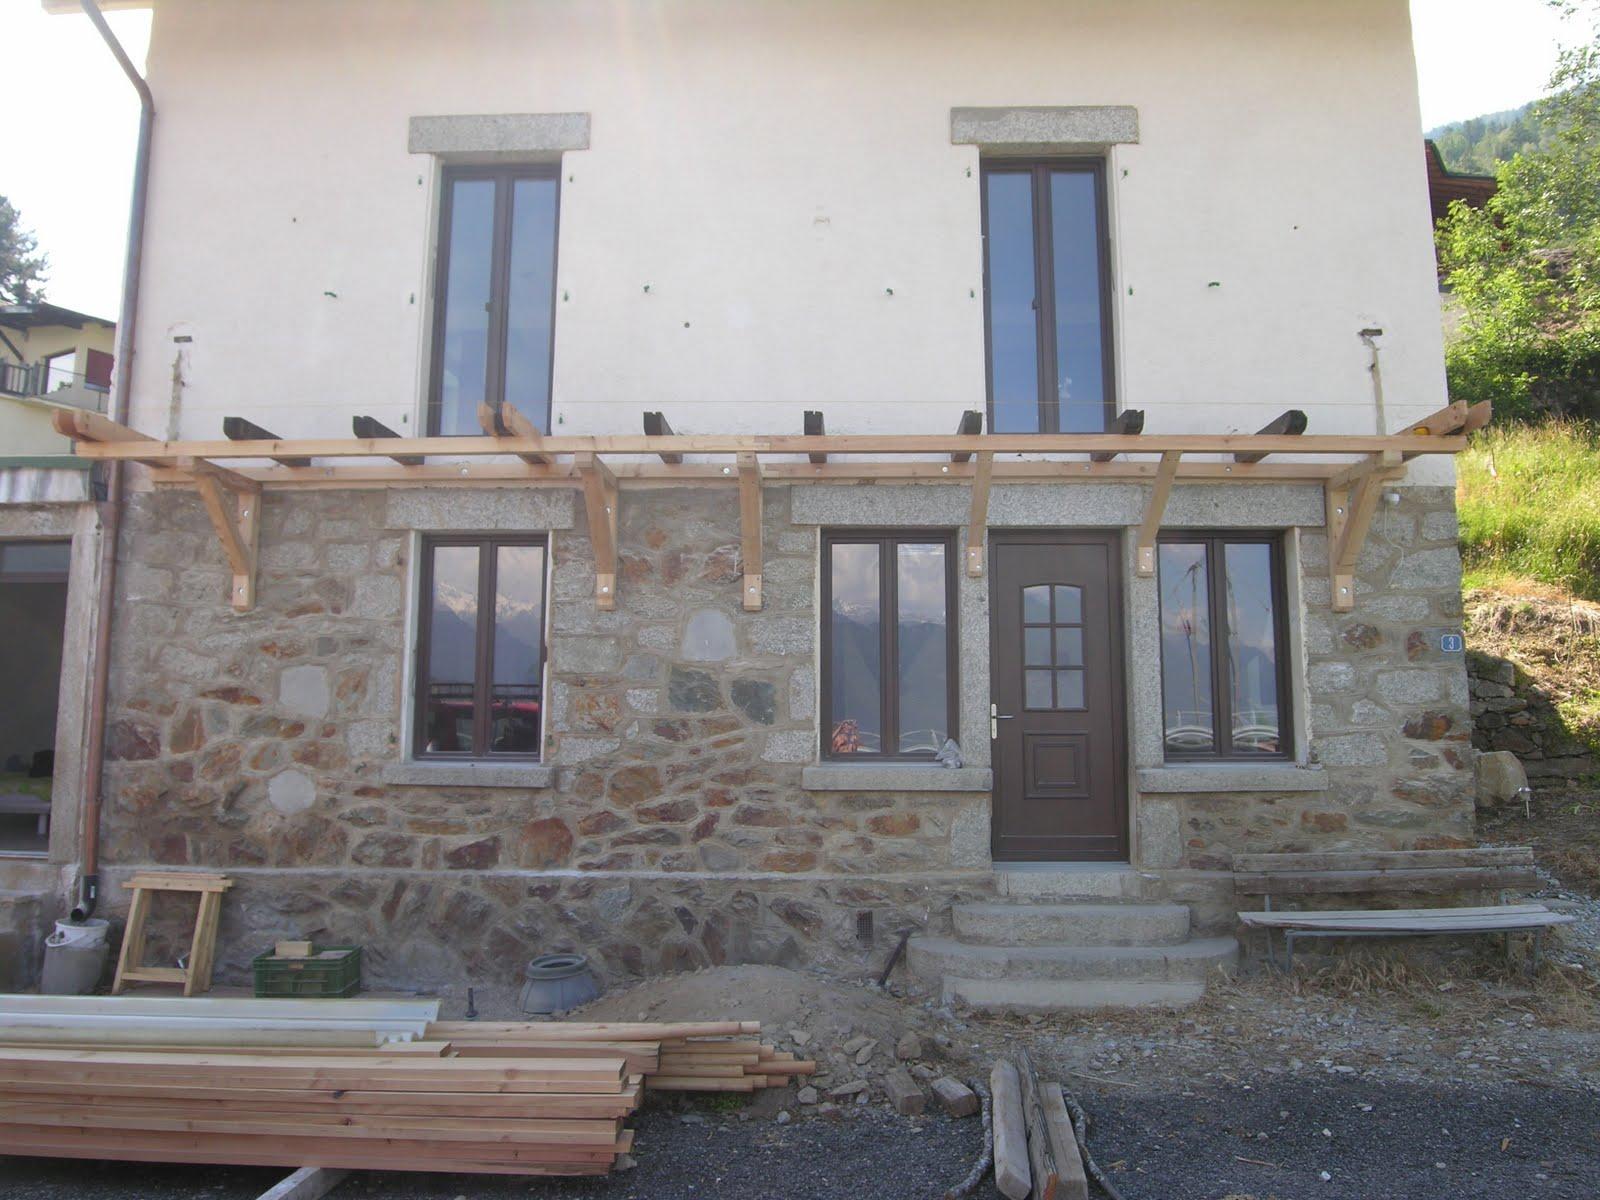 barriere terrasse bois. Black Bedroom Furniture Sets. Home Design Ideas